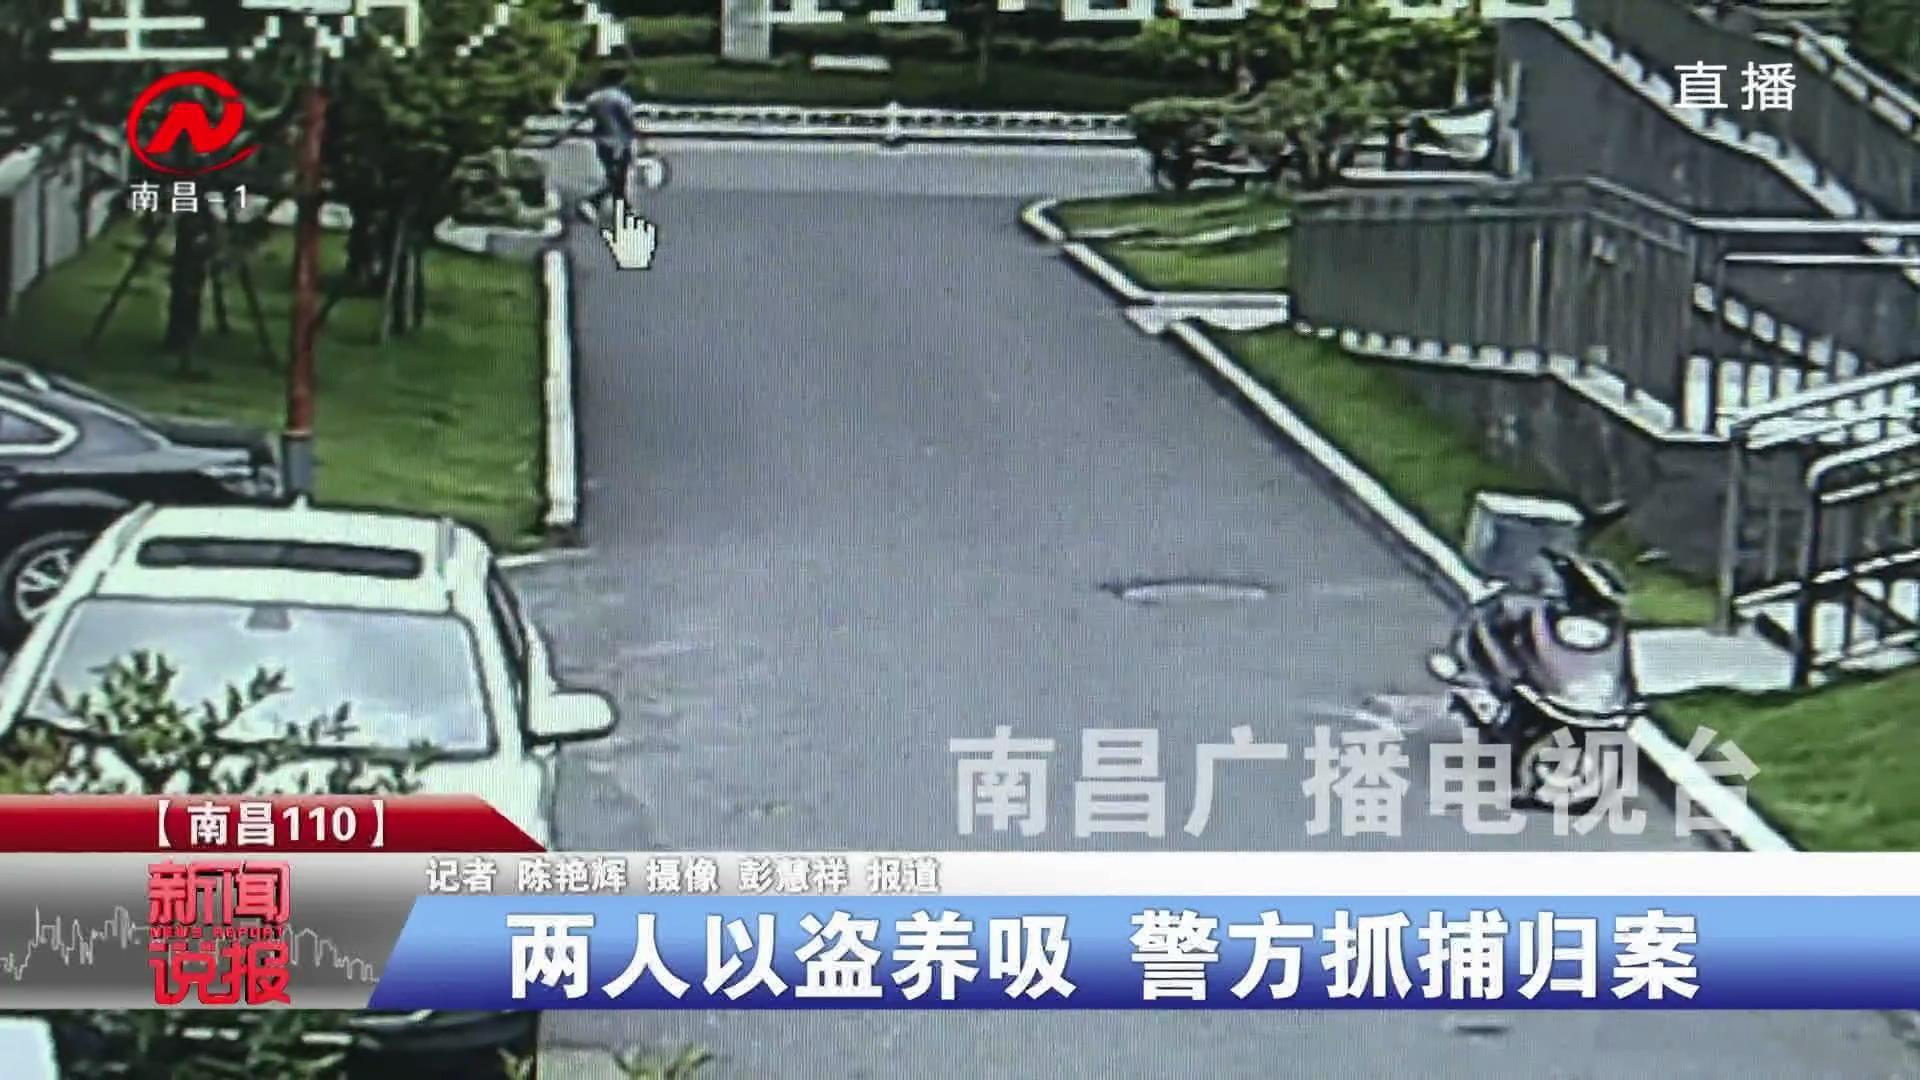 两人以盗养吸 警方抓捕归案